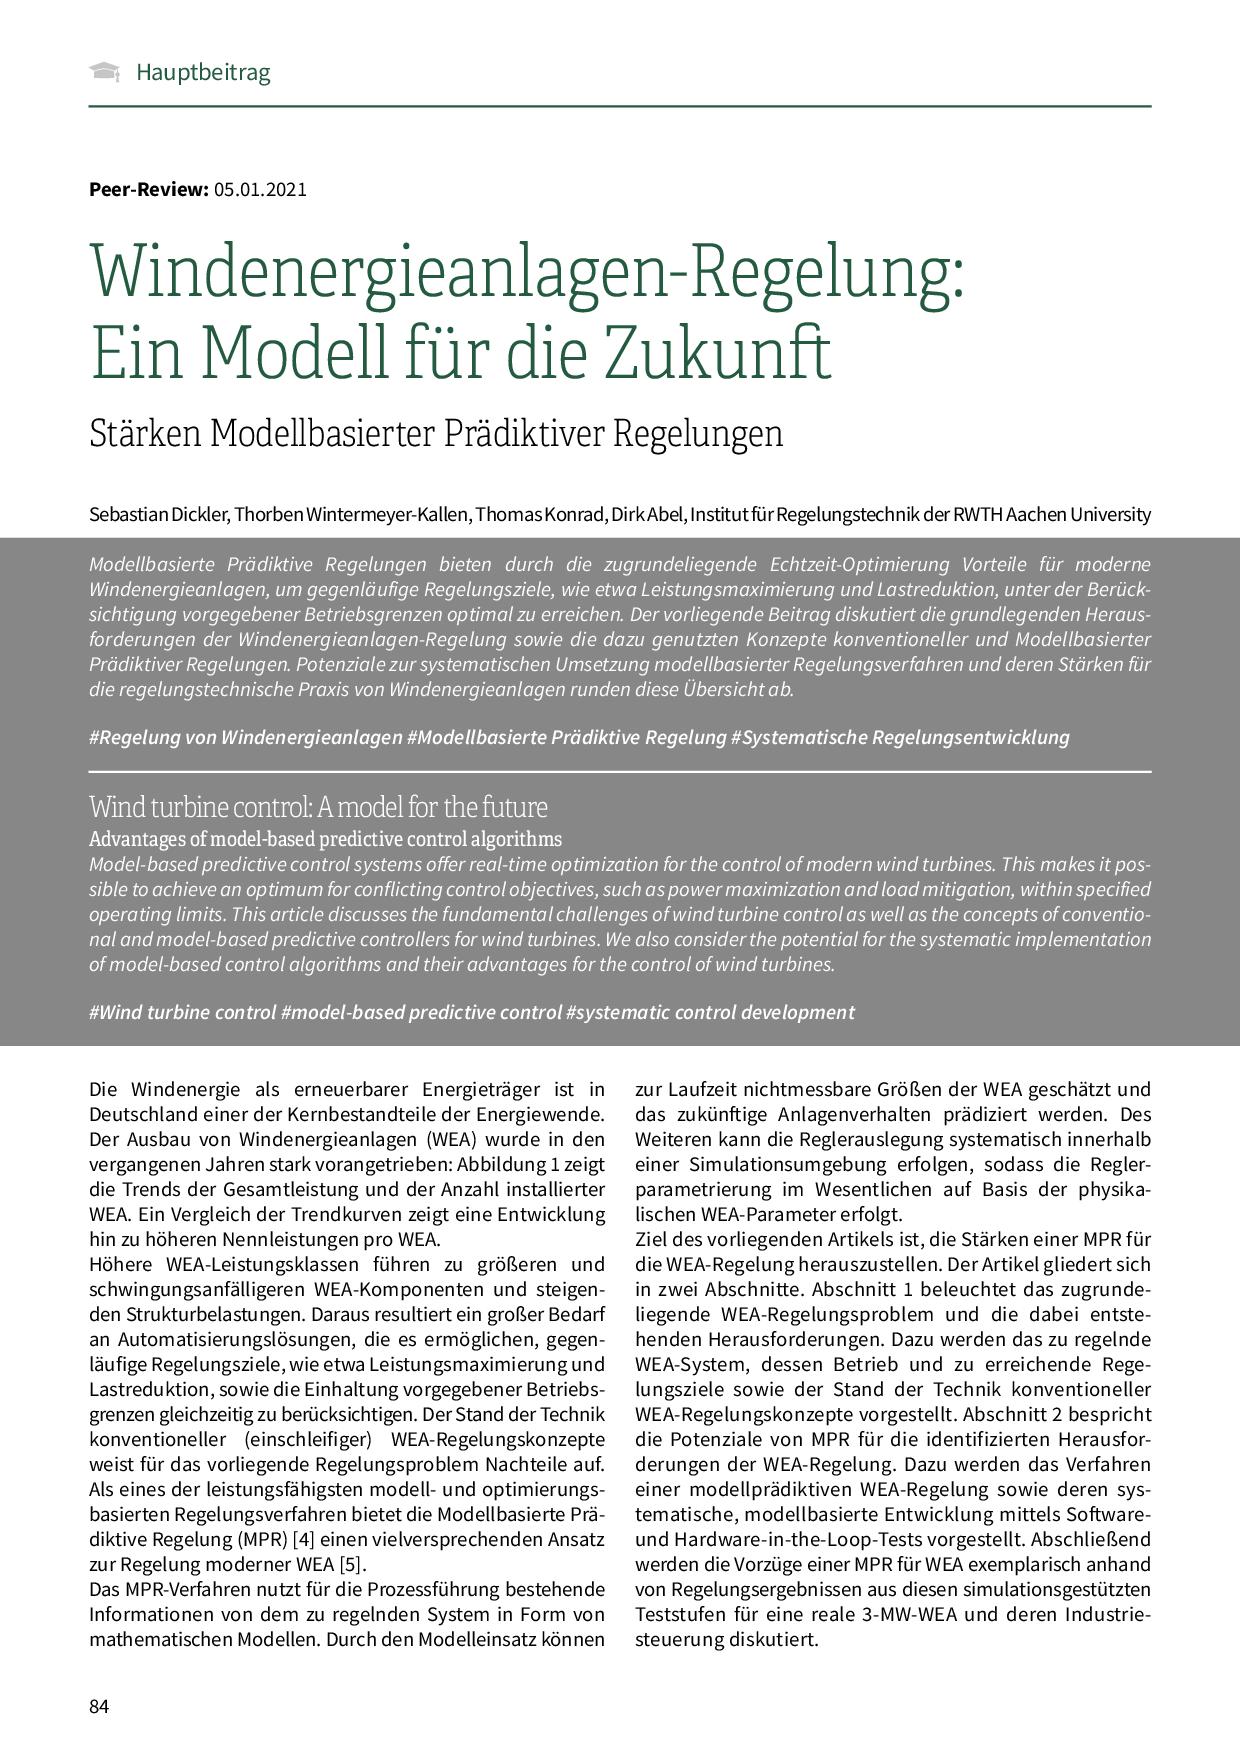 Windenergieanlagen-Regelung: Ein Modell für die Zukunft